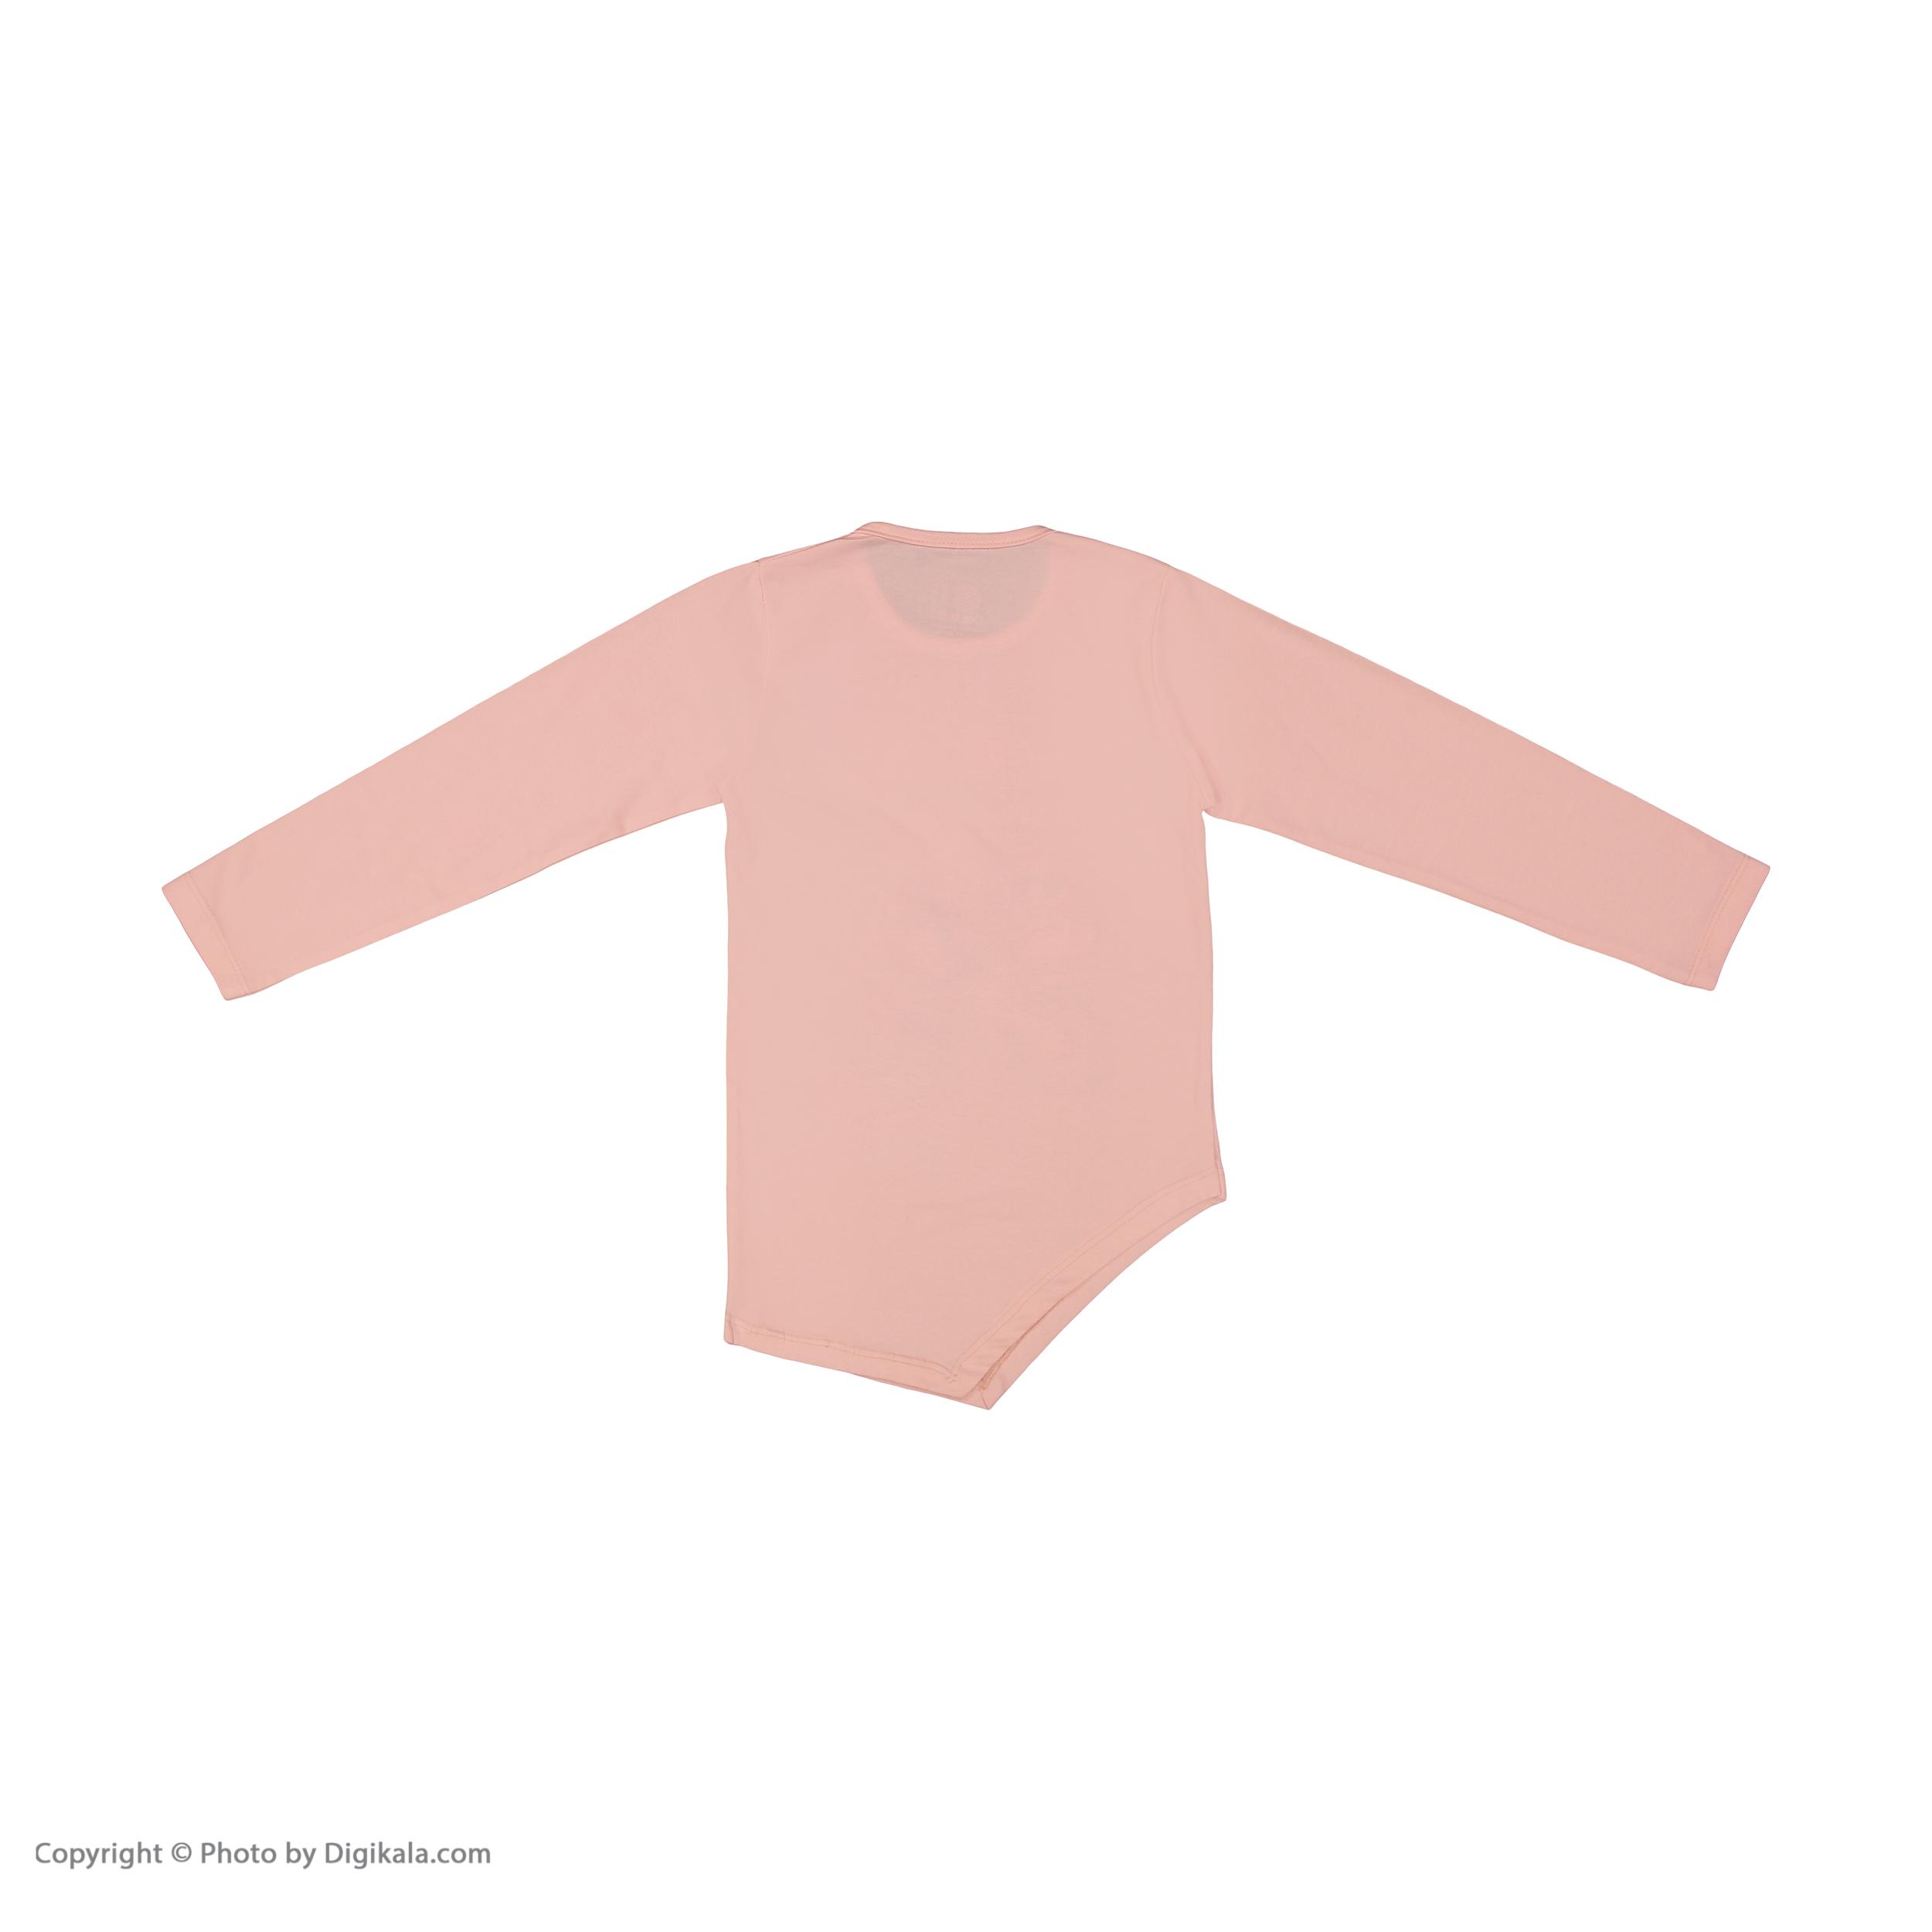 تی شرت دخترانه سون پون مدل 1391351-84 -  - 4